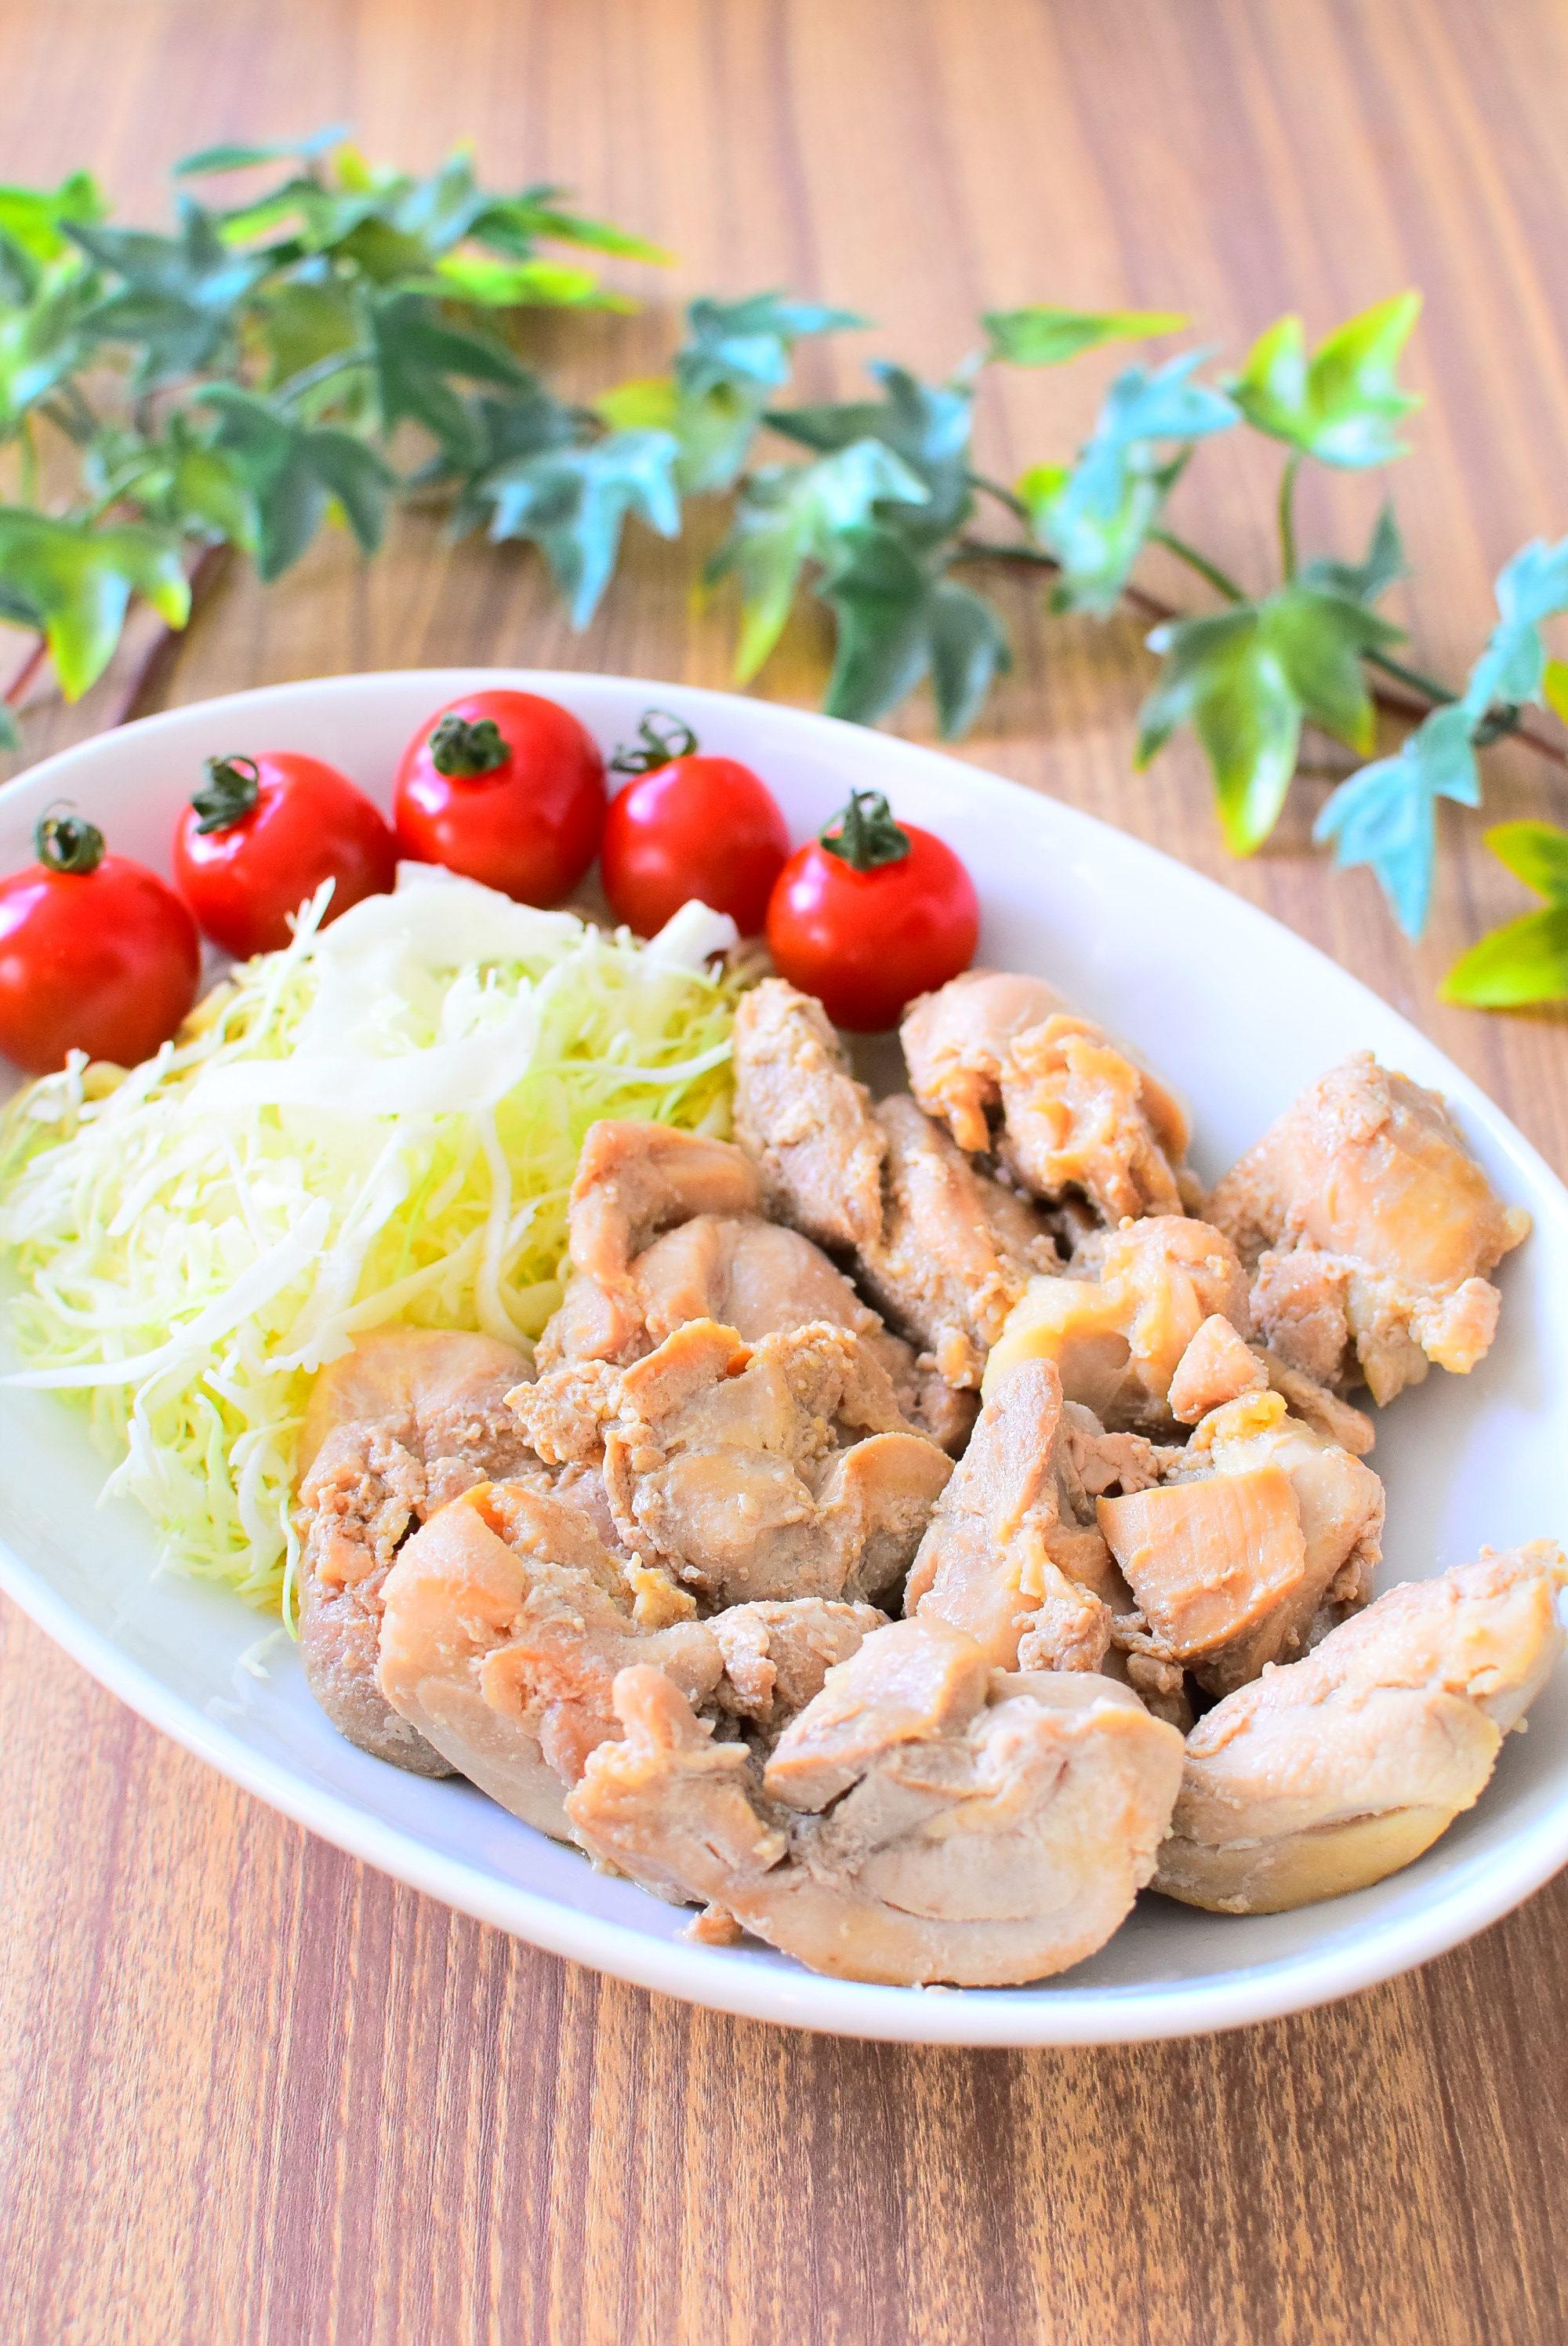 鶏もも肉のにんにく醤油漬け、ごま油炒めのレシピ